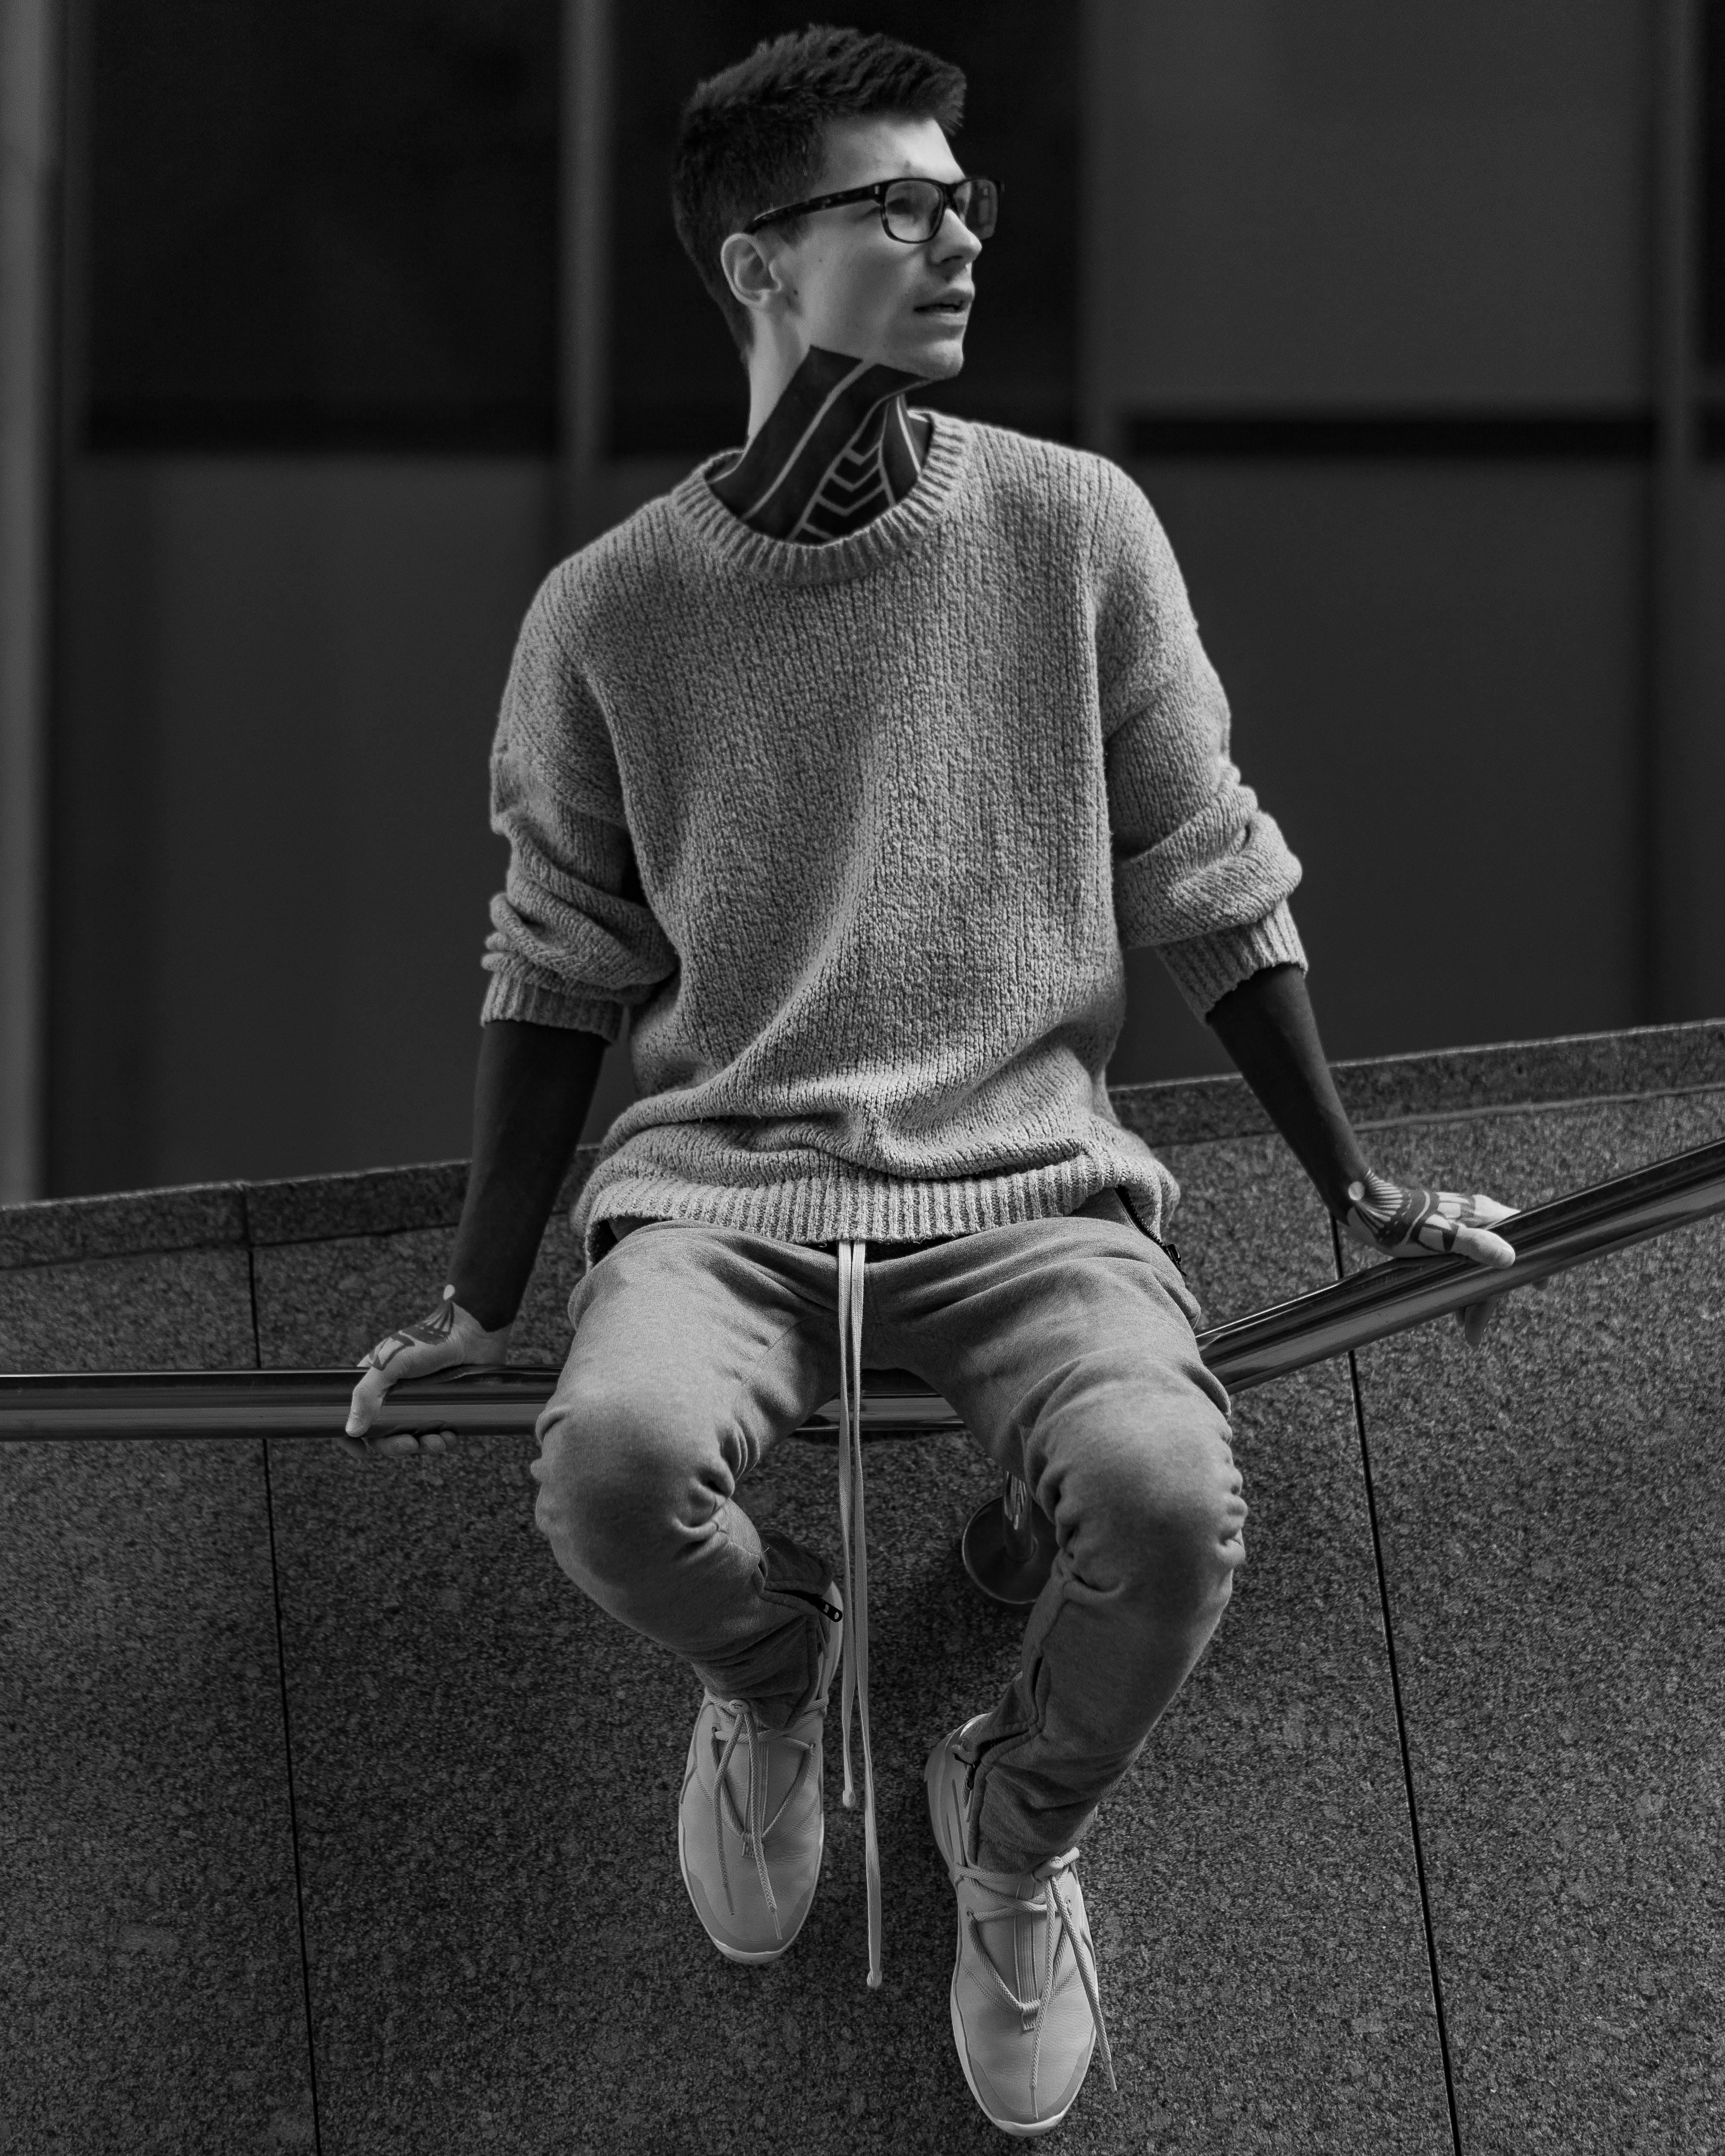 Kostnadsfri bild av ha på sig, man, mode, modell